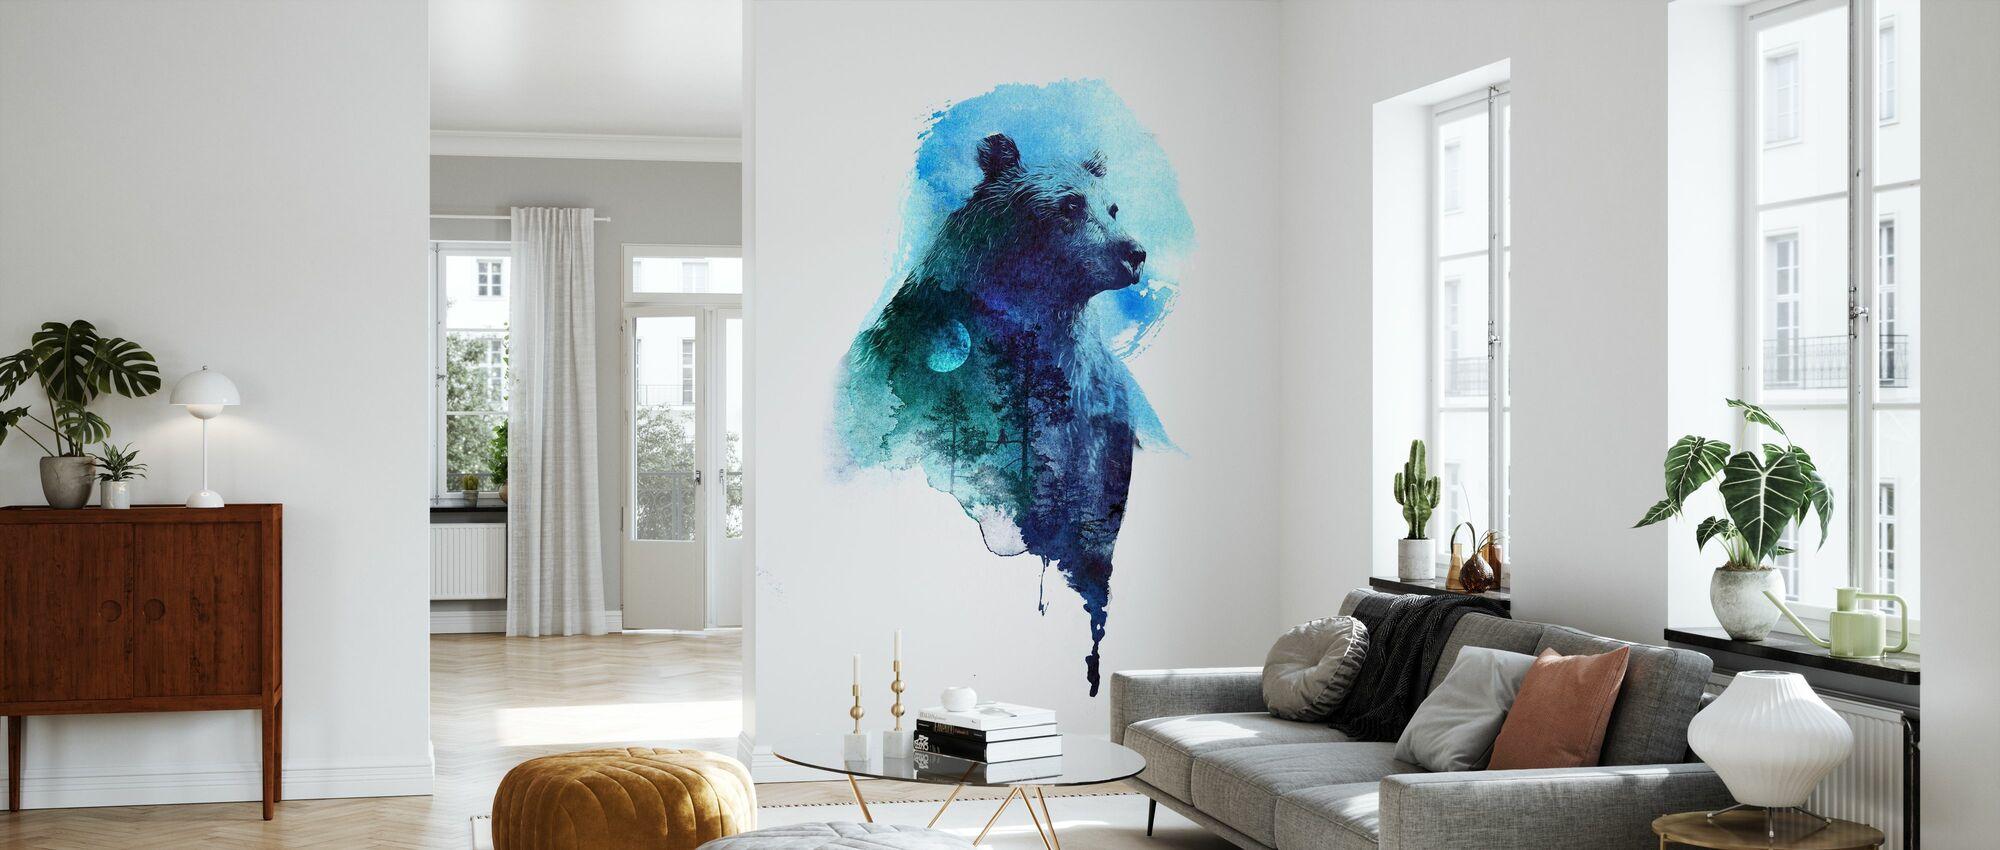 Midnight Bear - Wallpaper - Living Room